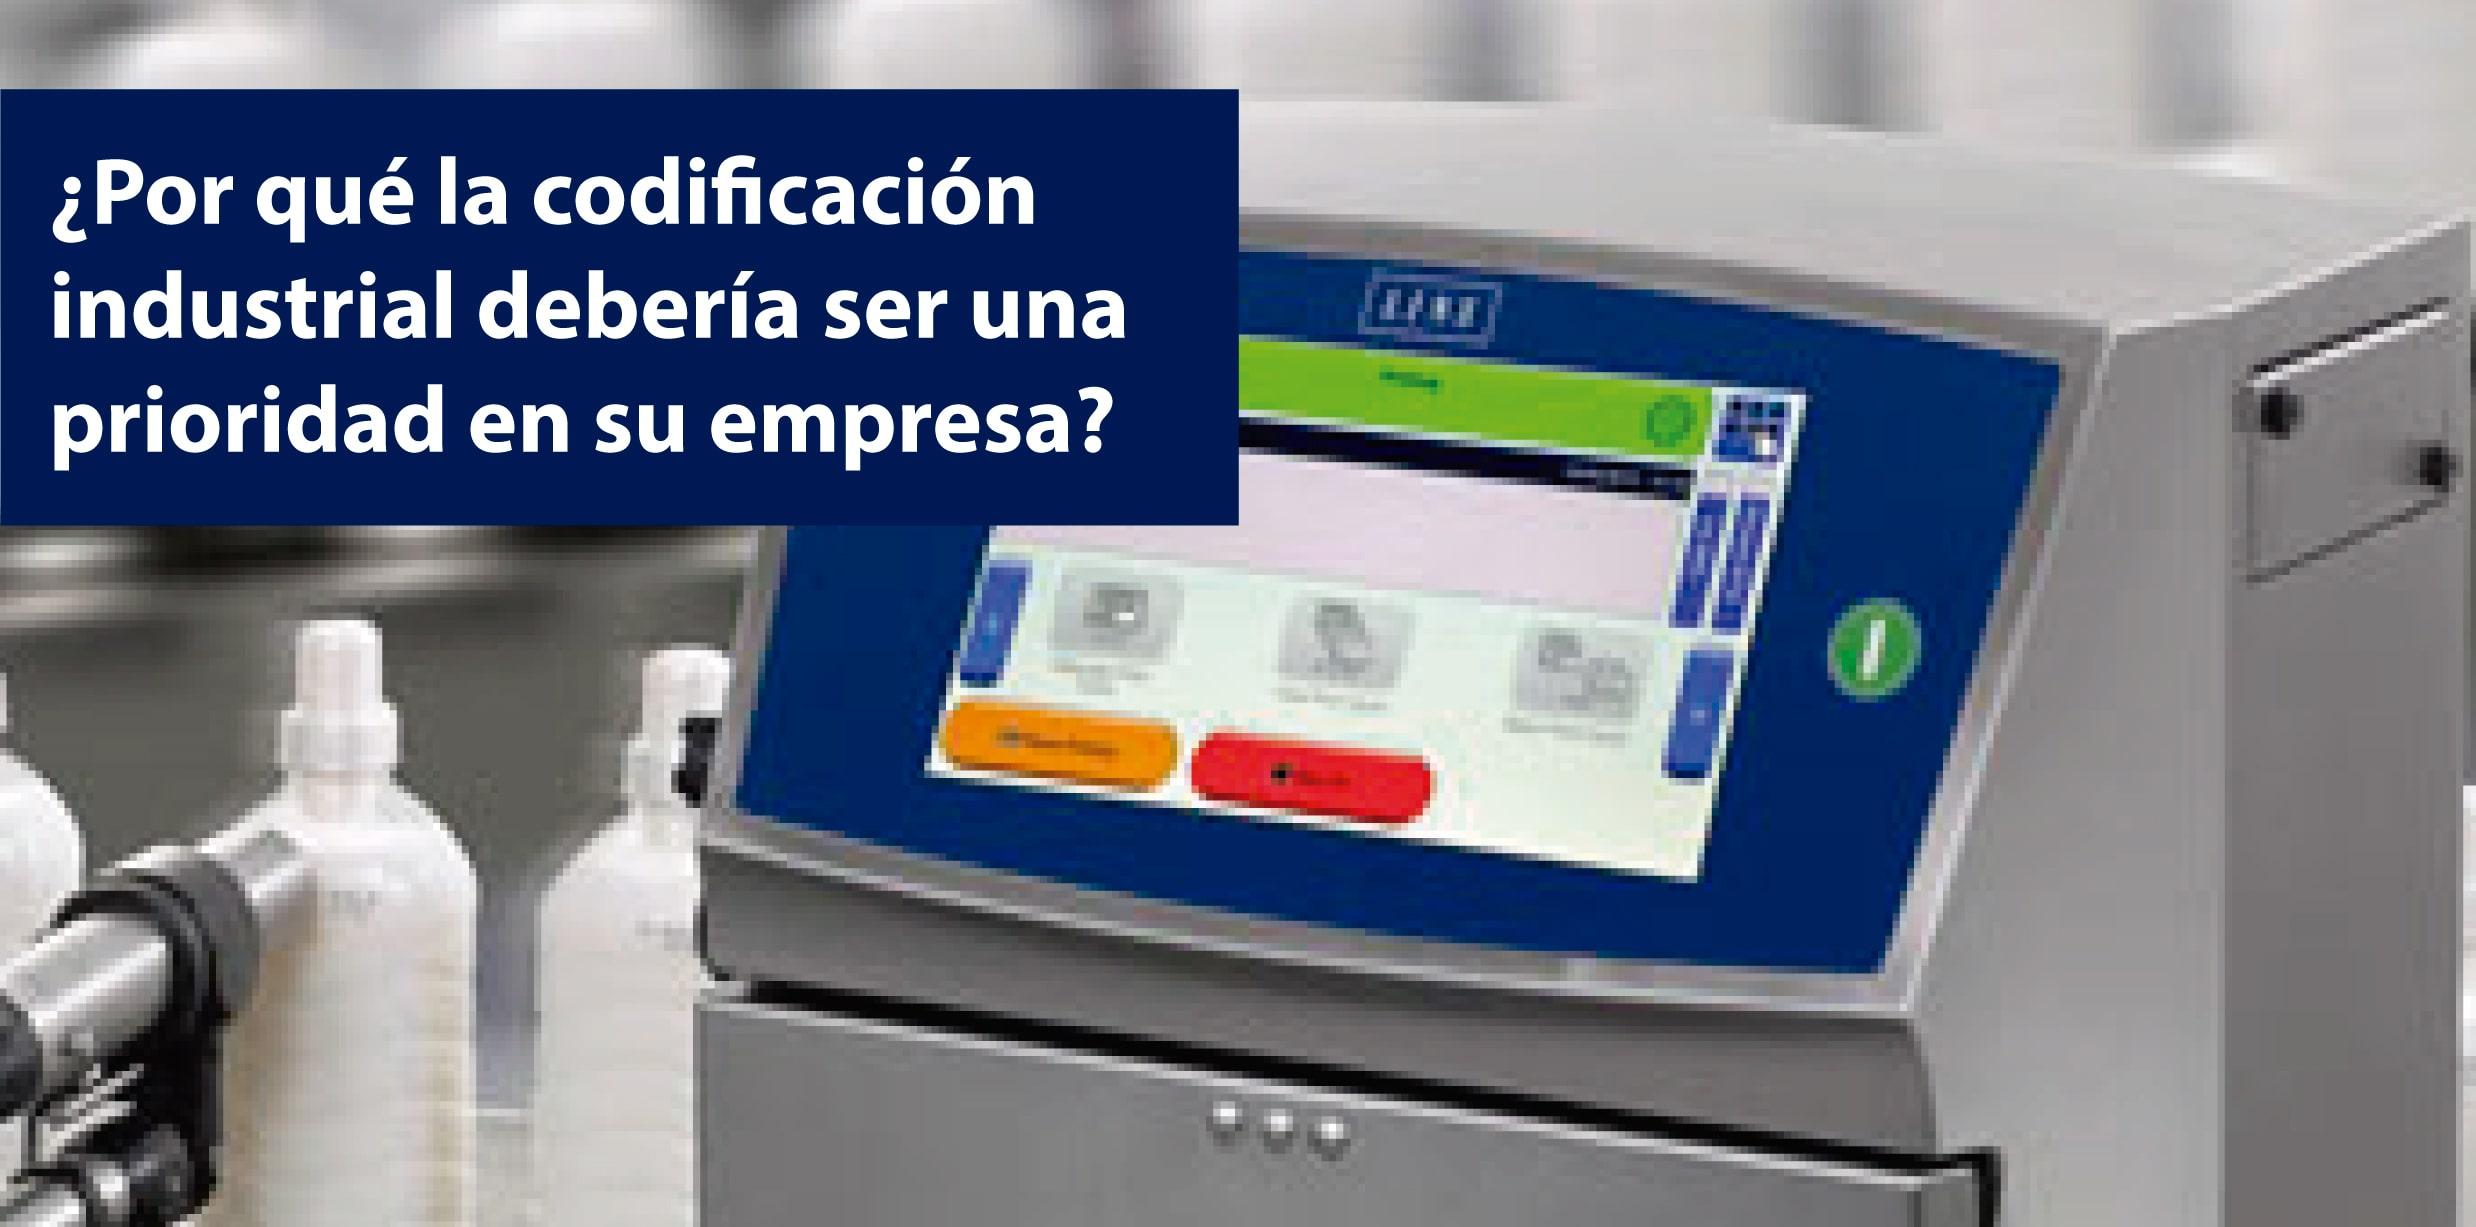 impresoras industriales en peru